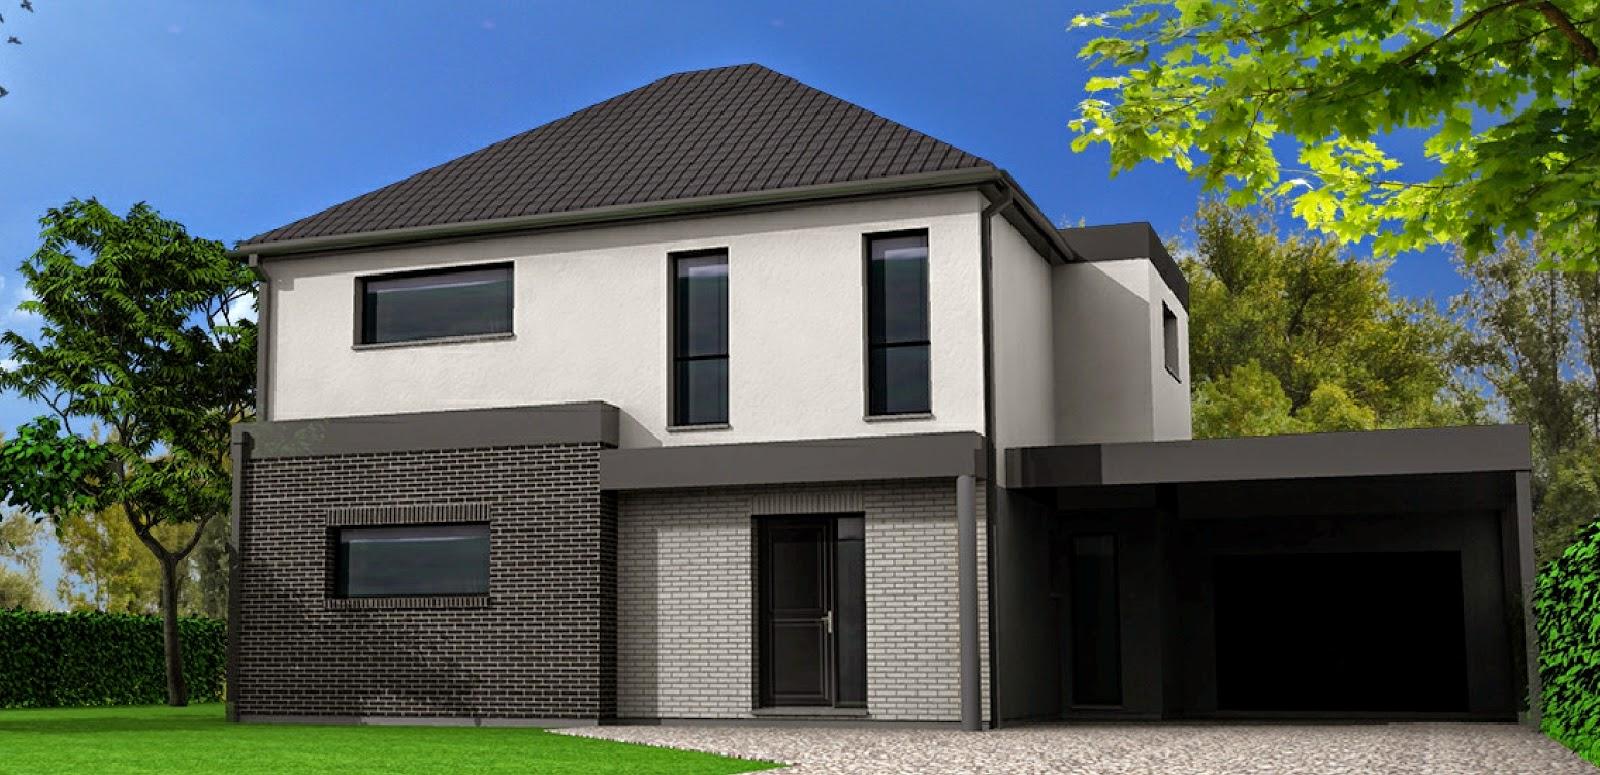 Maison familiale lille gondecourt etage r 1 128 m for Geoxia maison familiale